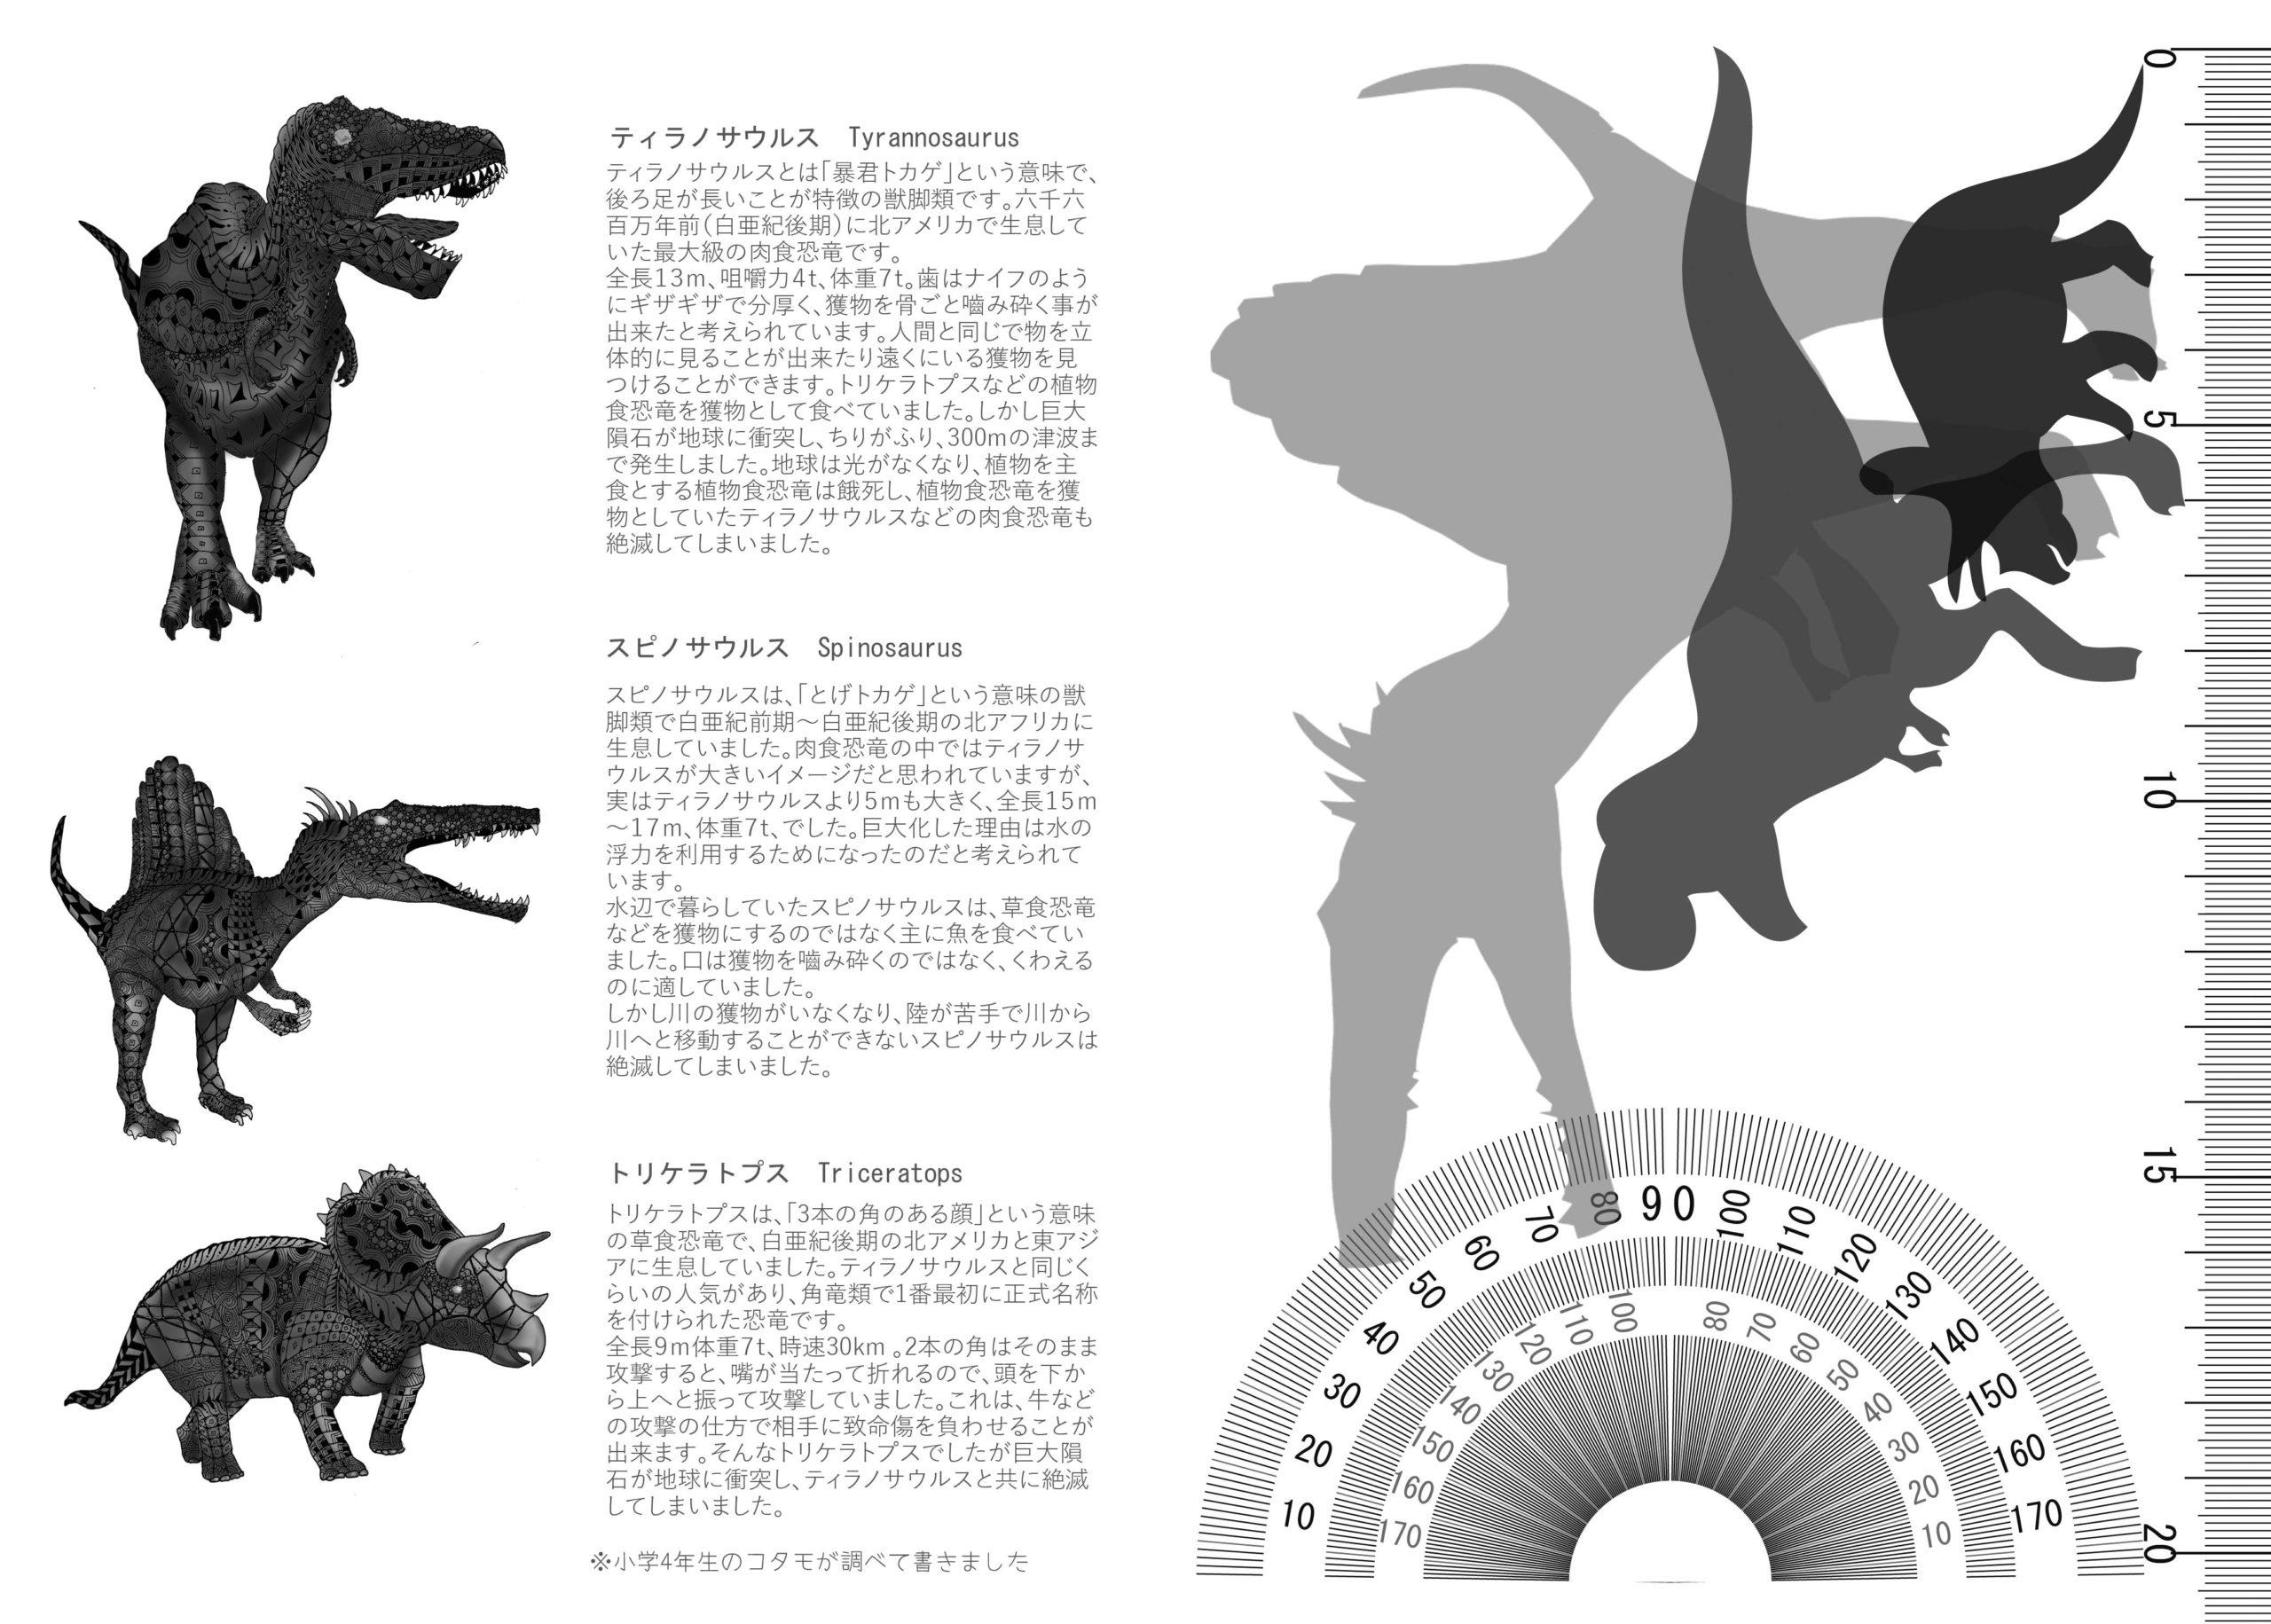 恐竜ノートの中